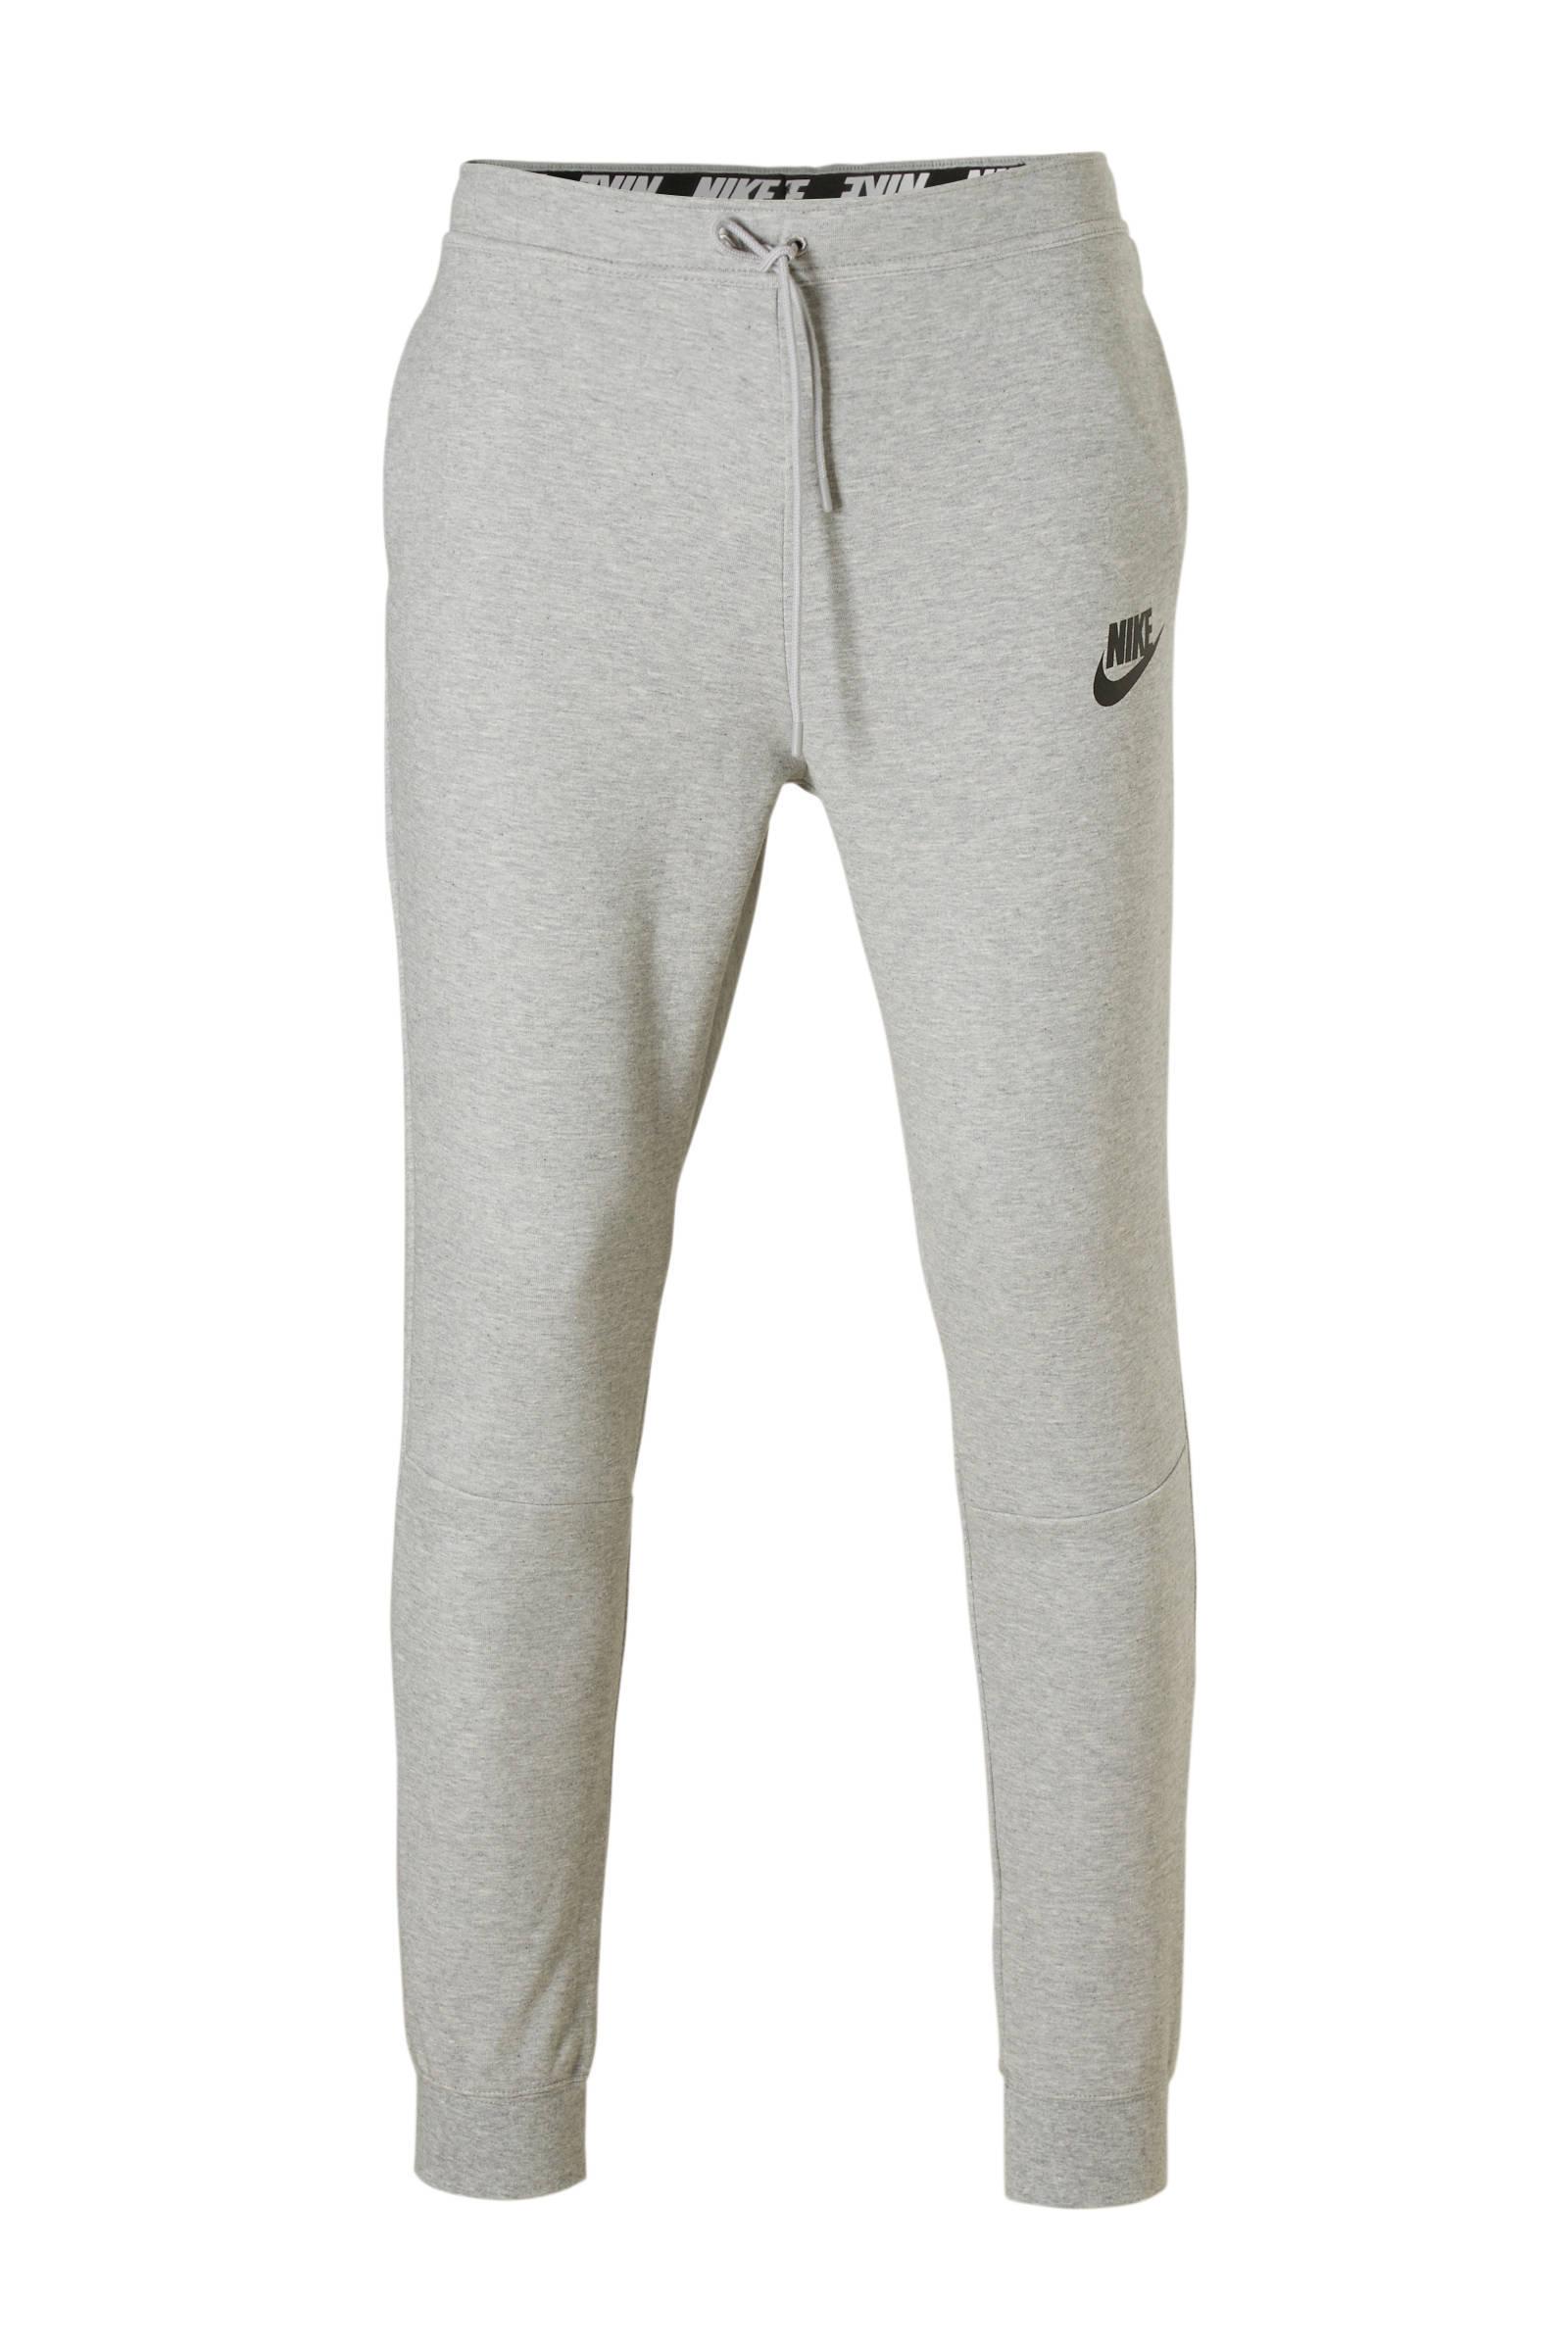 Joggingbroek Grijs Dames.Nike Joggingbroek Grijs Wehkamp